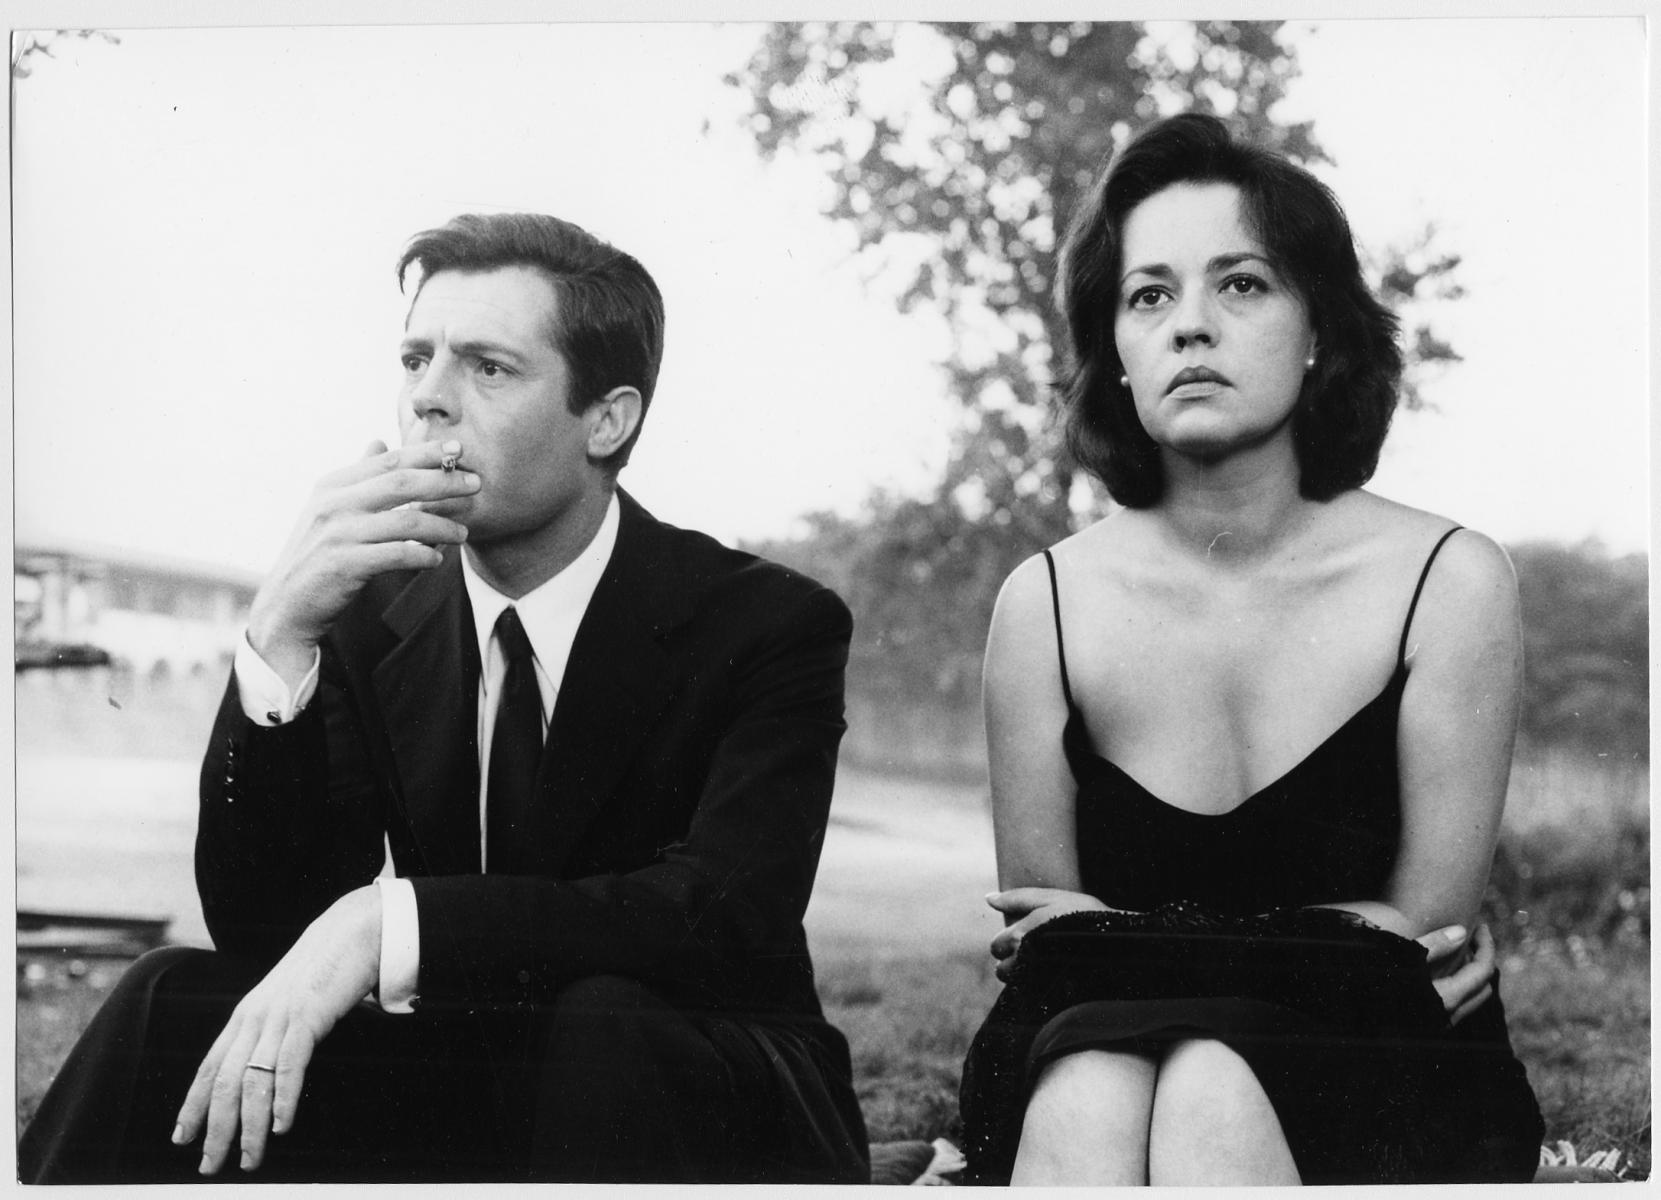 Marcello Mastroianni & Jeanne Moreau